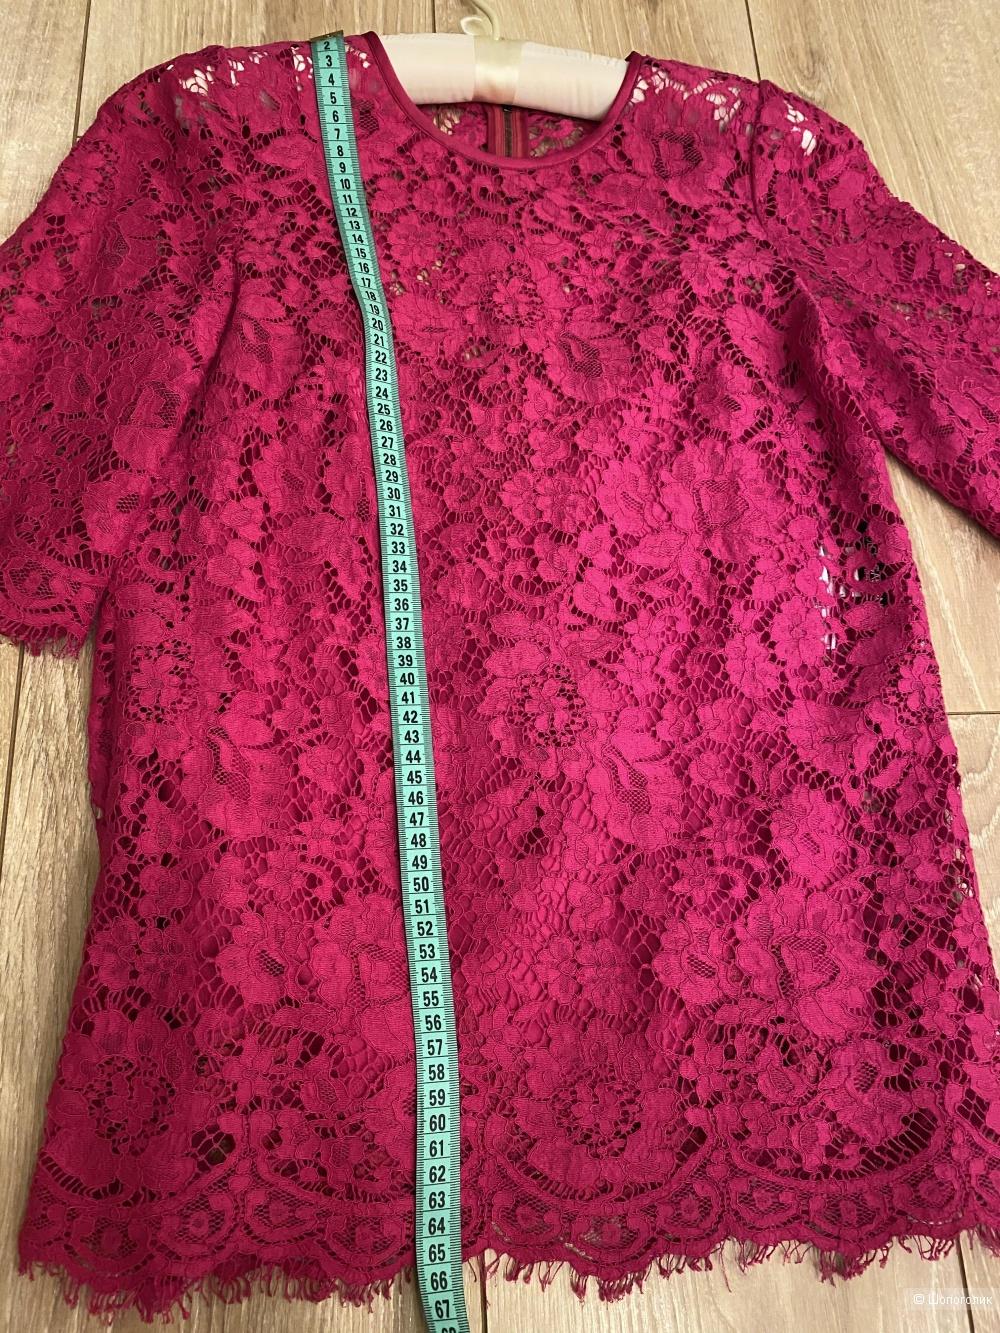 Блузка с топом Dolce&Gabbana на 42-44